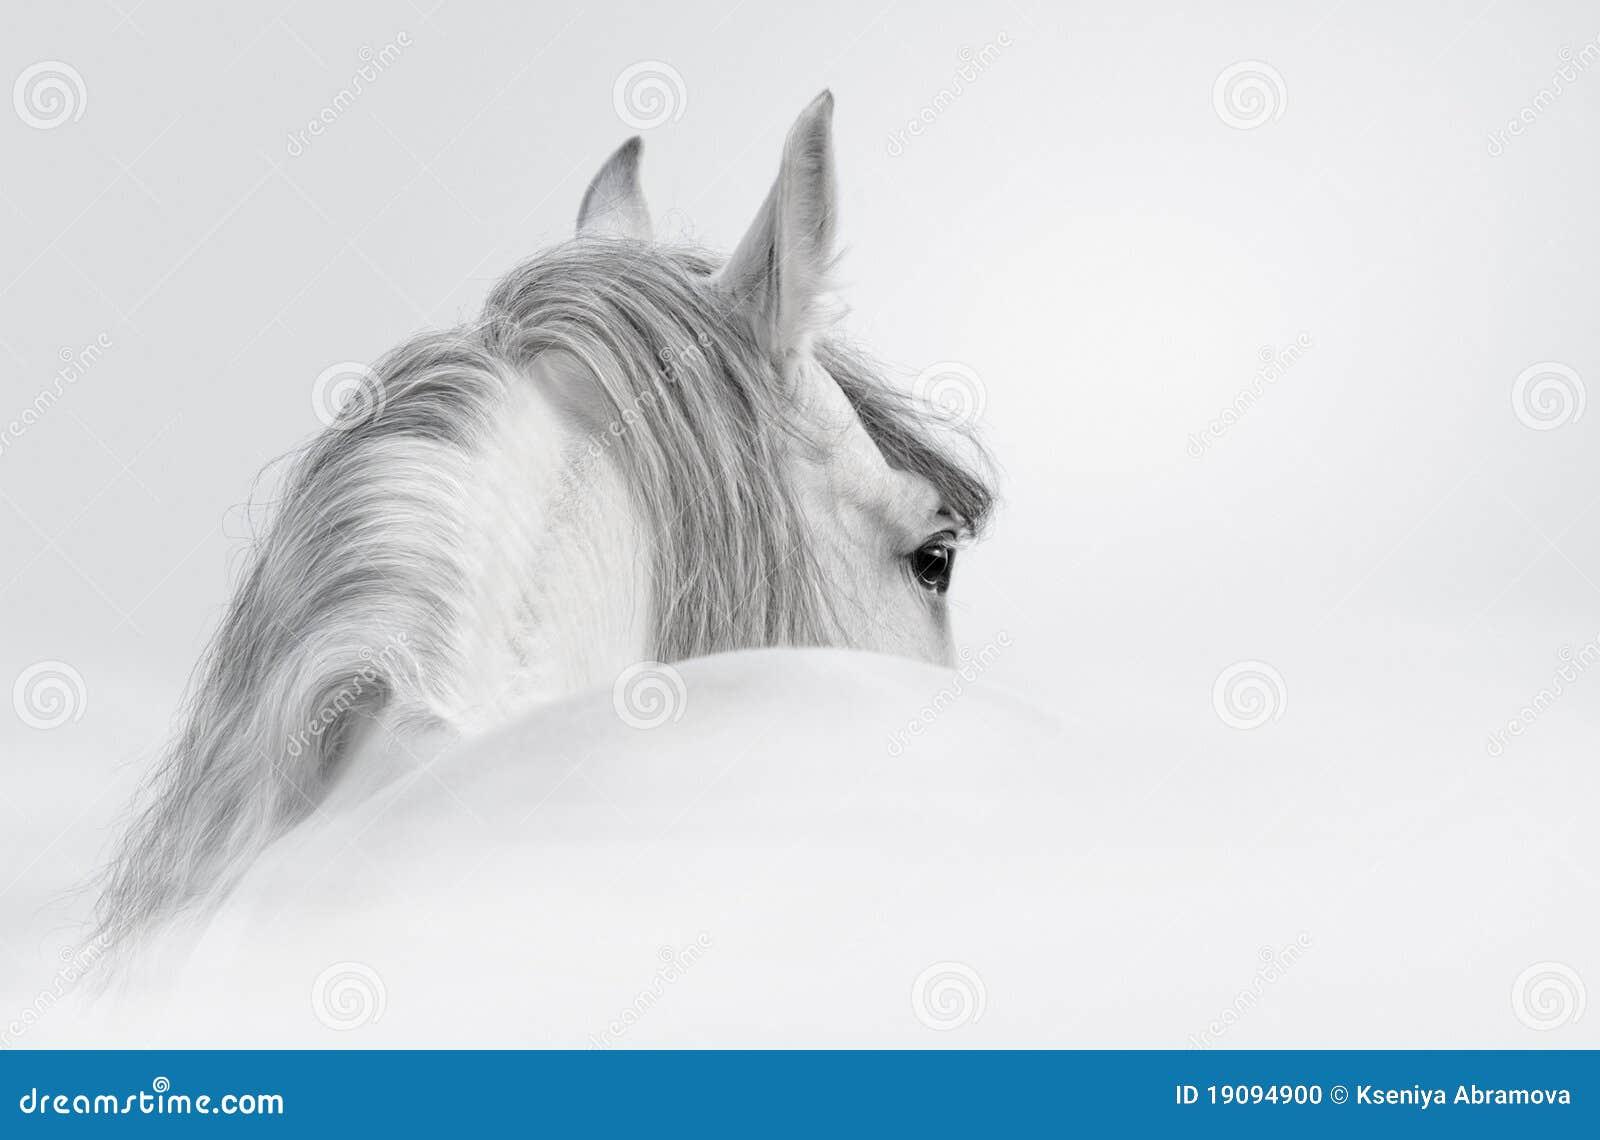 $c-andalusisch paard in een mist